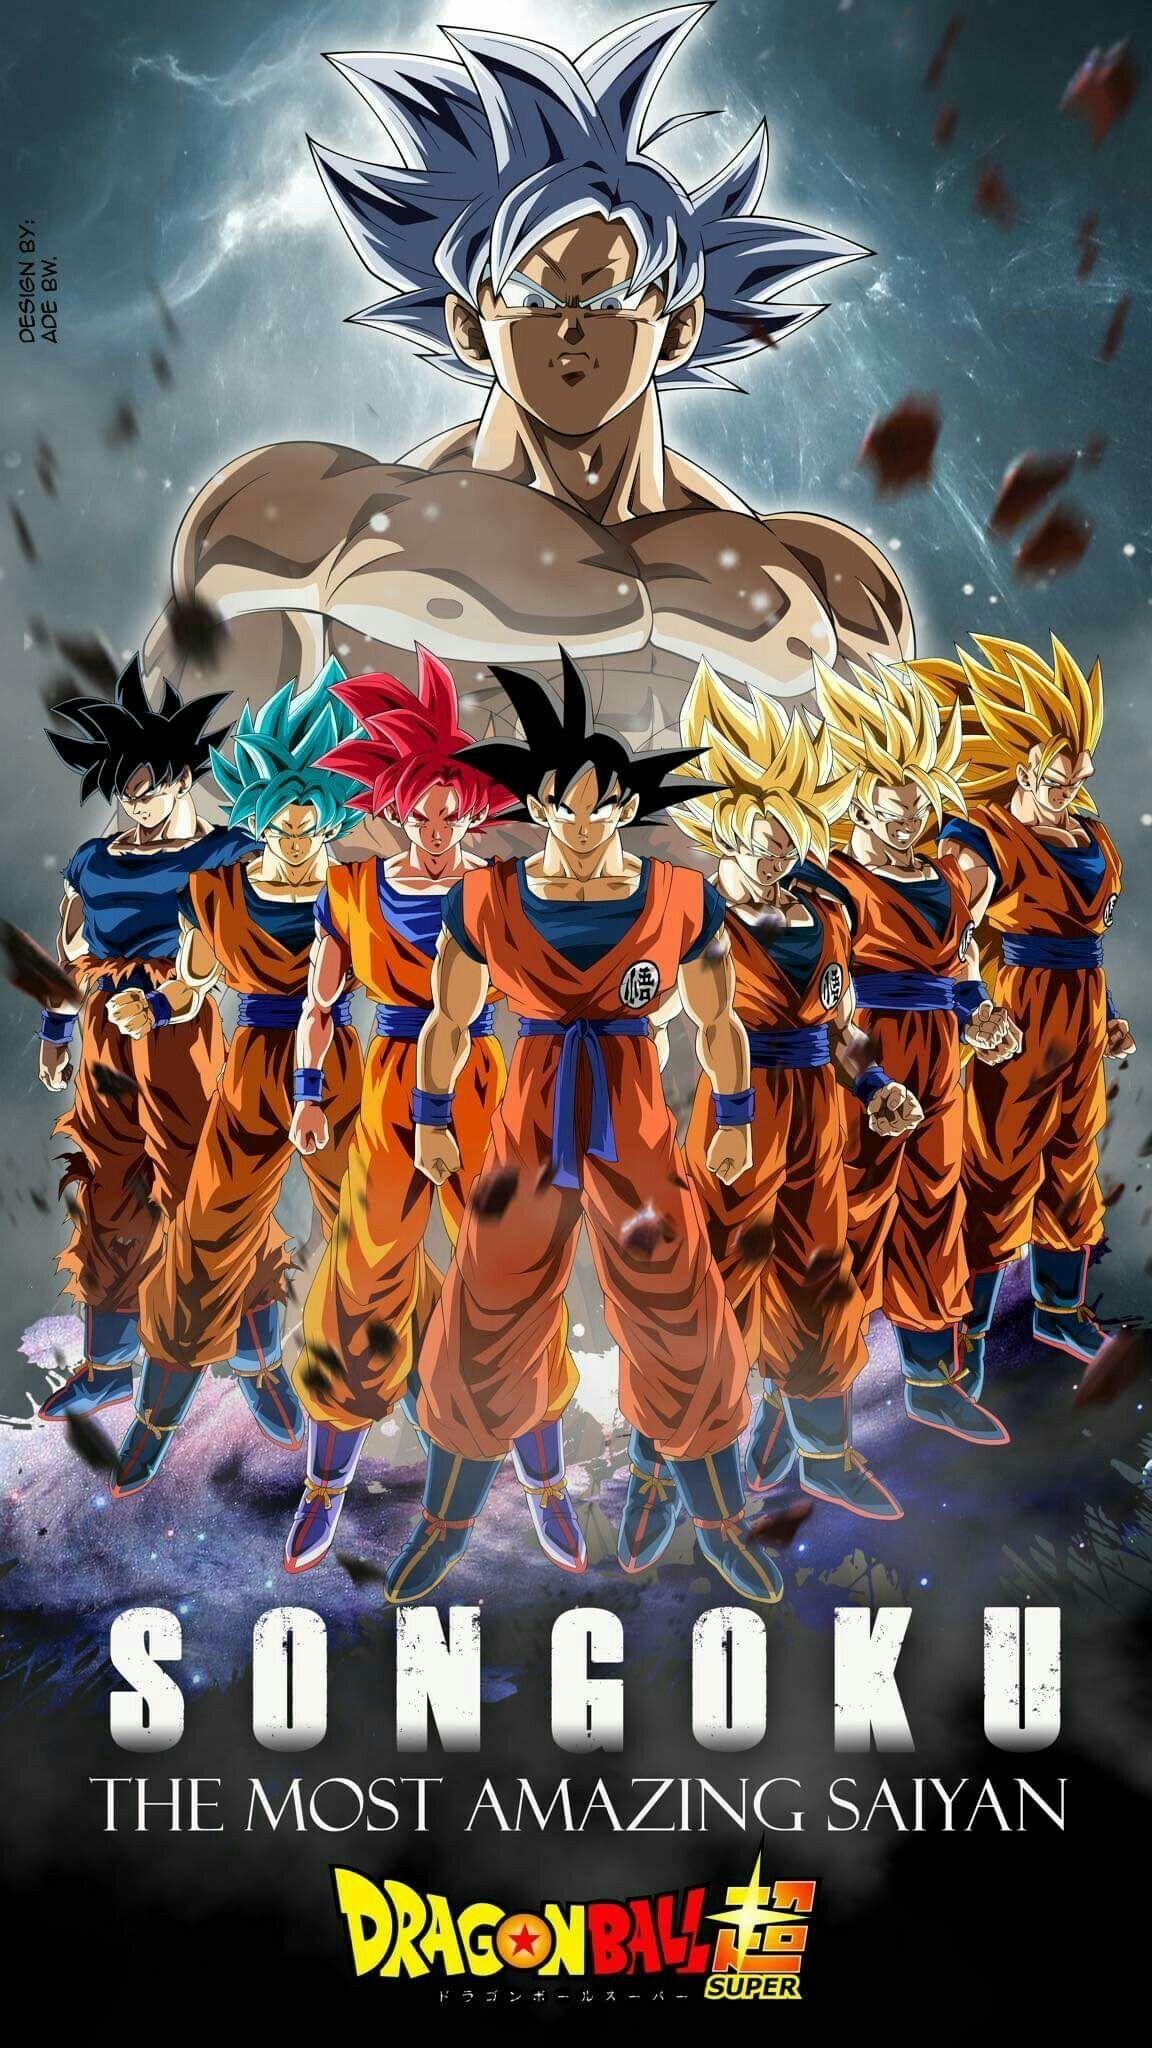 Dragonball Kakarot Wallpaper Doraemon Anime Dragon Ball Super Dragon Ball Super Art Anime Dragon Ball Goku